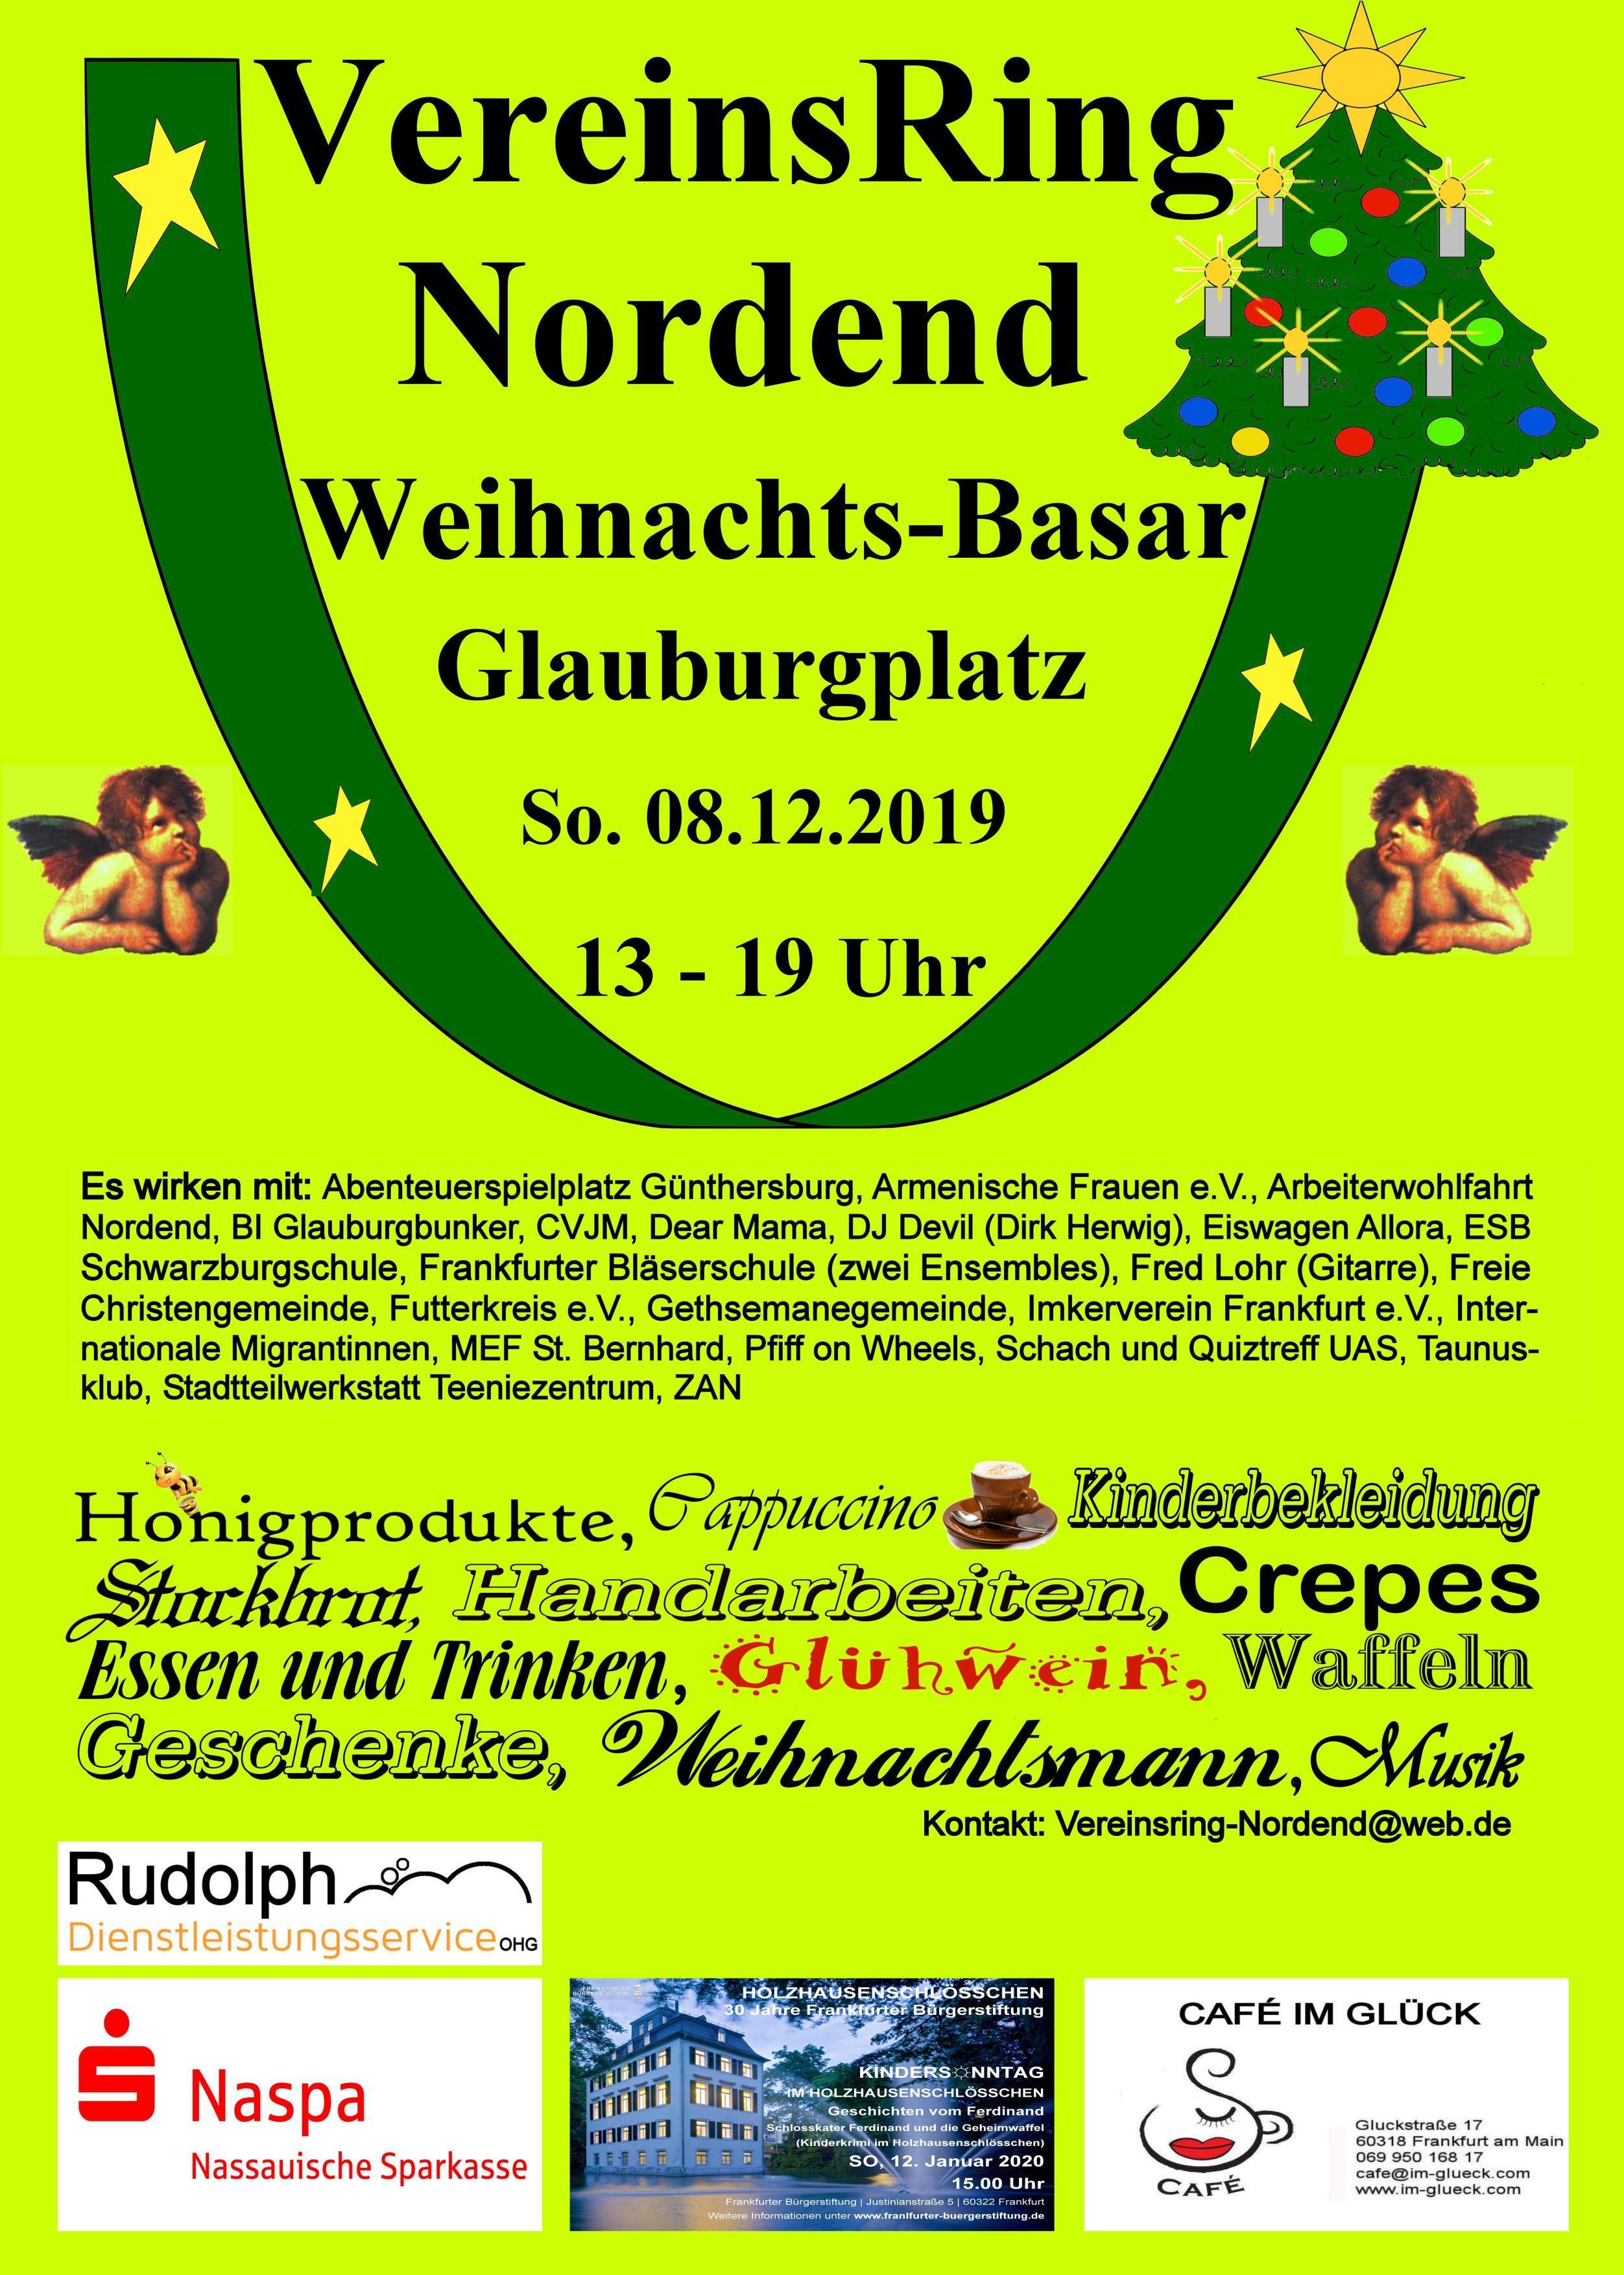 http://www.cvjm-frankfurt.de/blog/05B3A3A4-13F3-4168-8B24-2DAD3265088C.jpeg